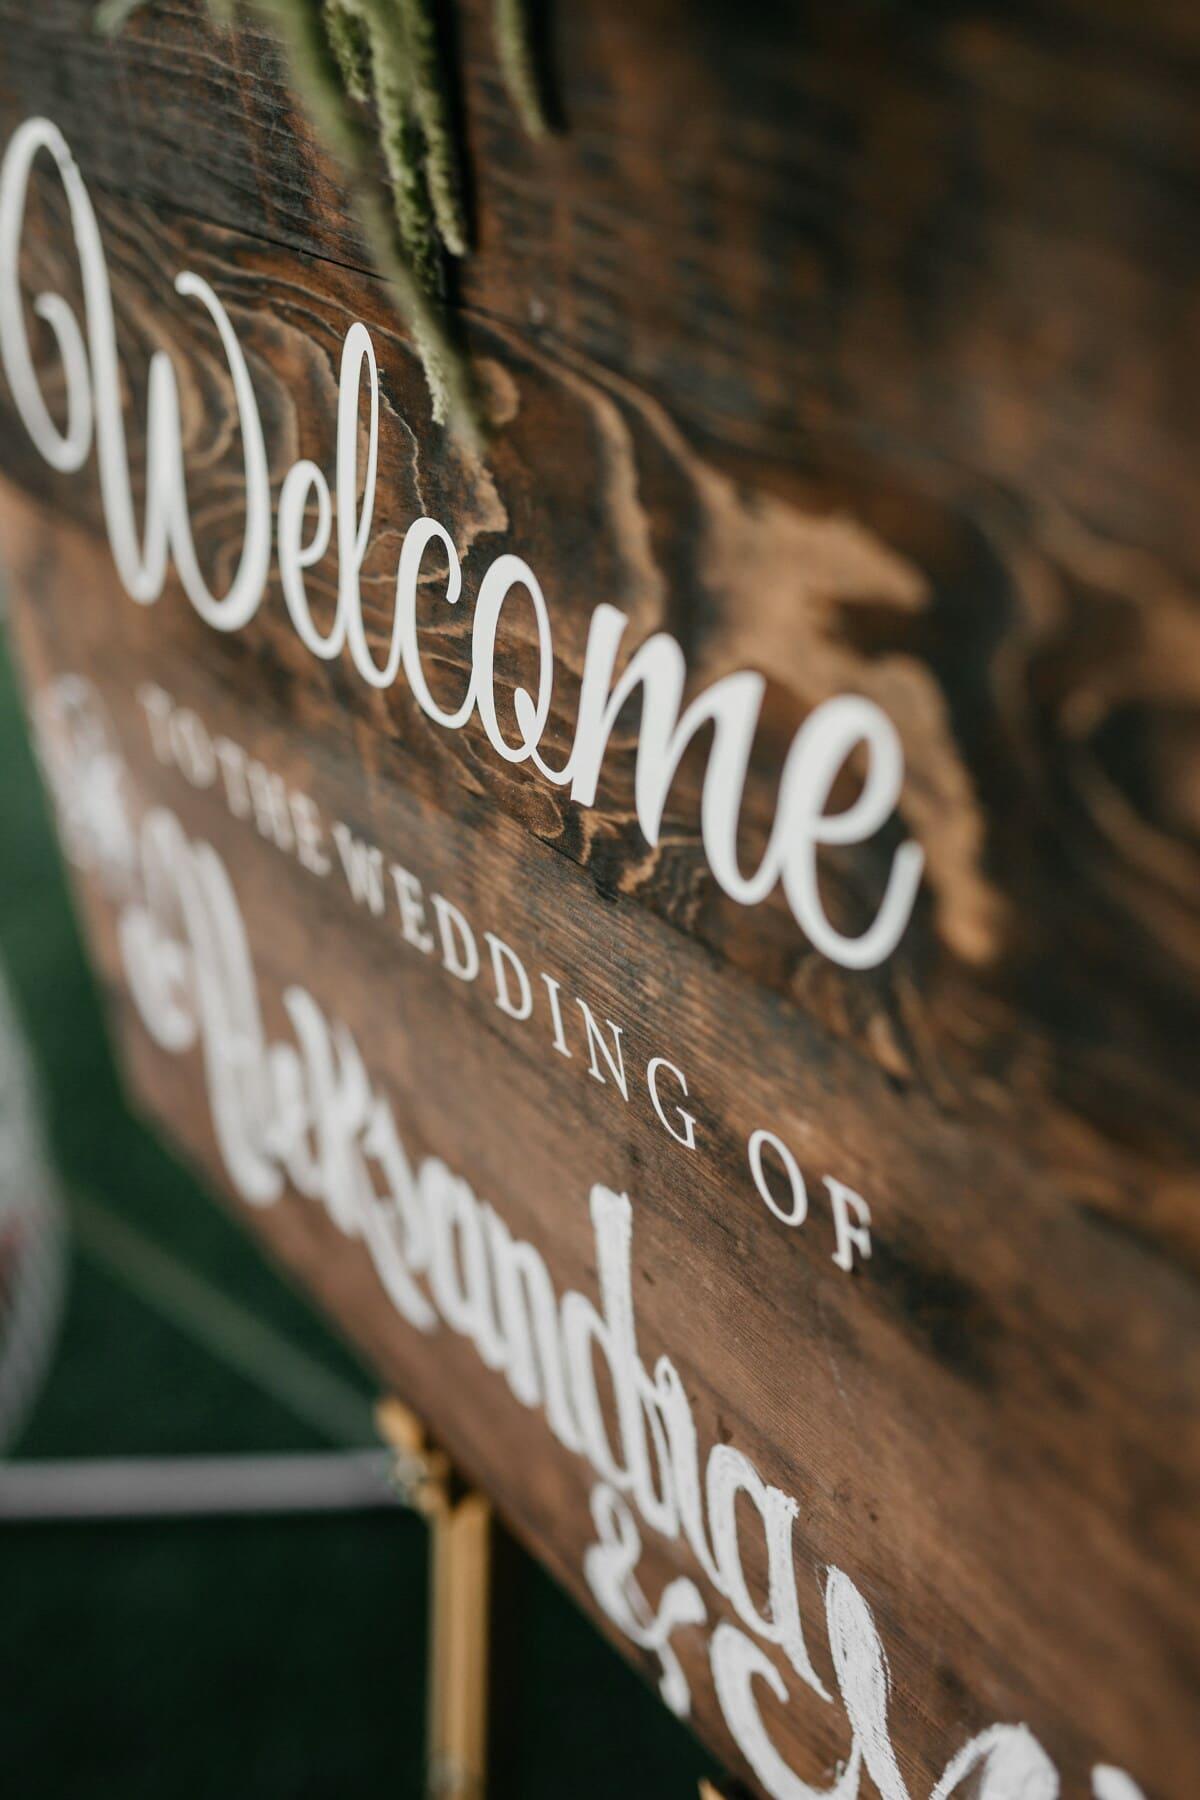 signe, bienvenue, en bois, texte, vintage, conception, romantique, bois, Retro, vieux